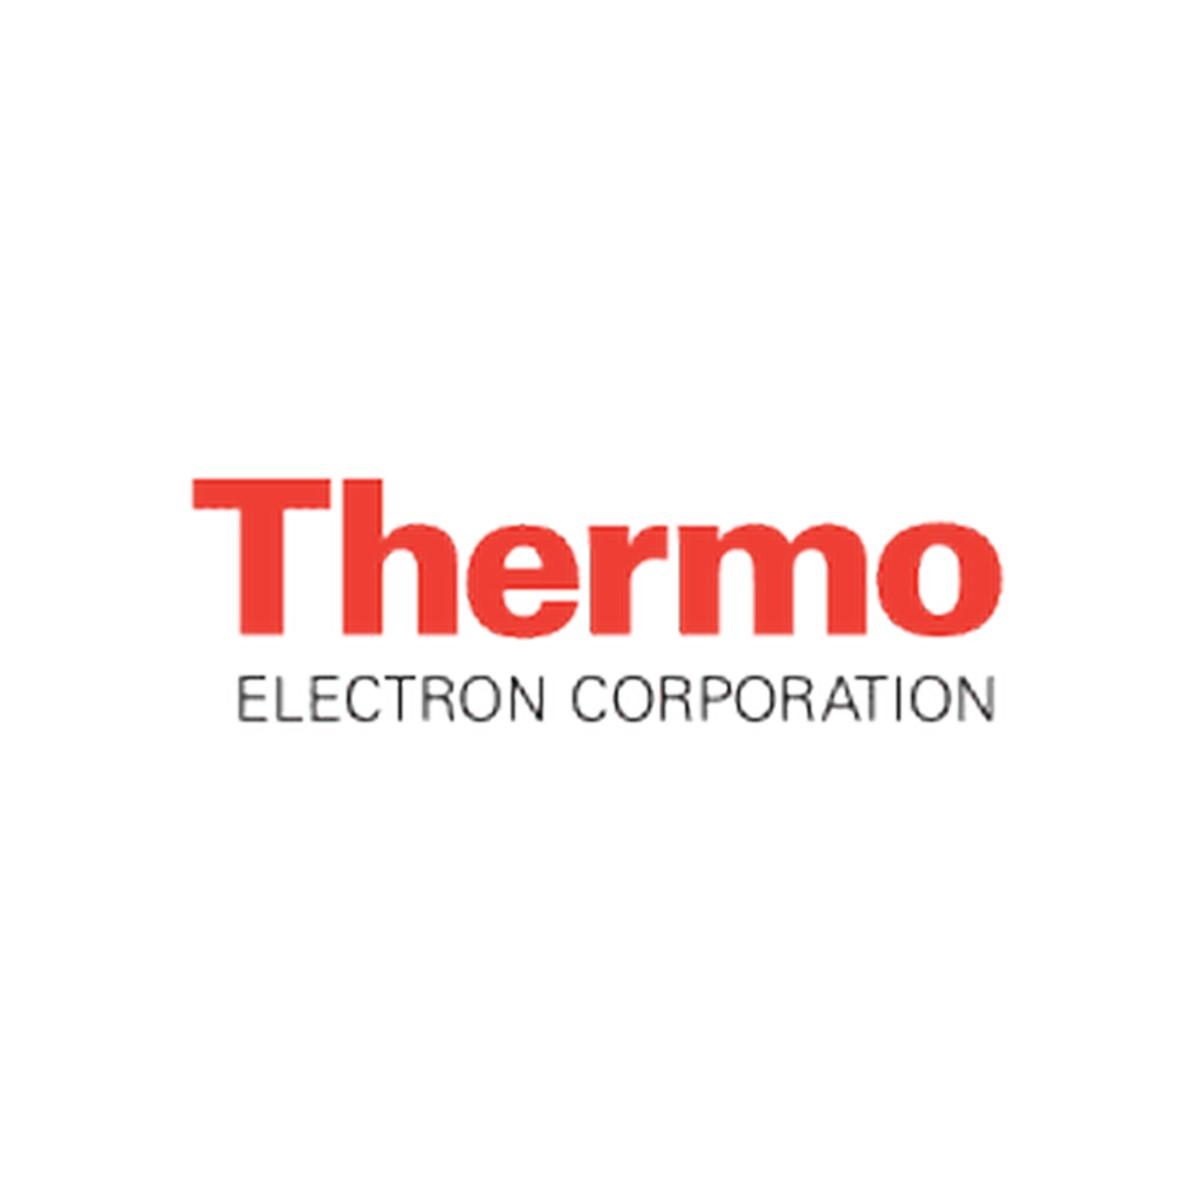 Thermo Electron